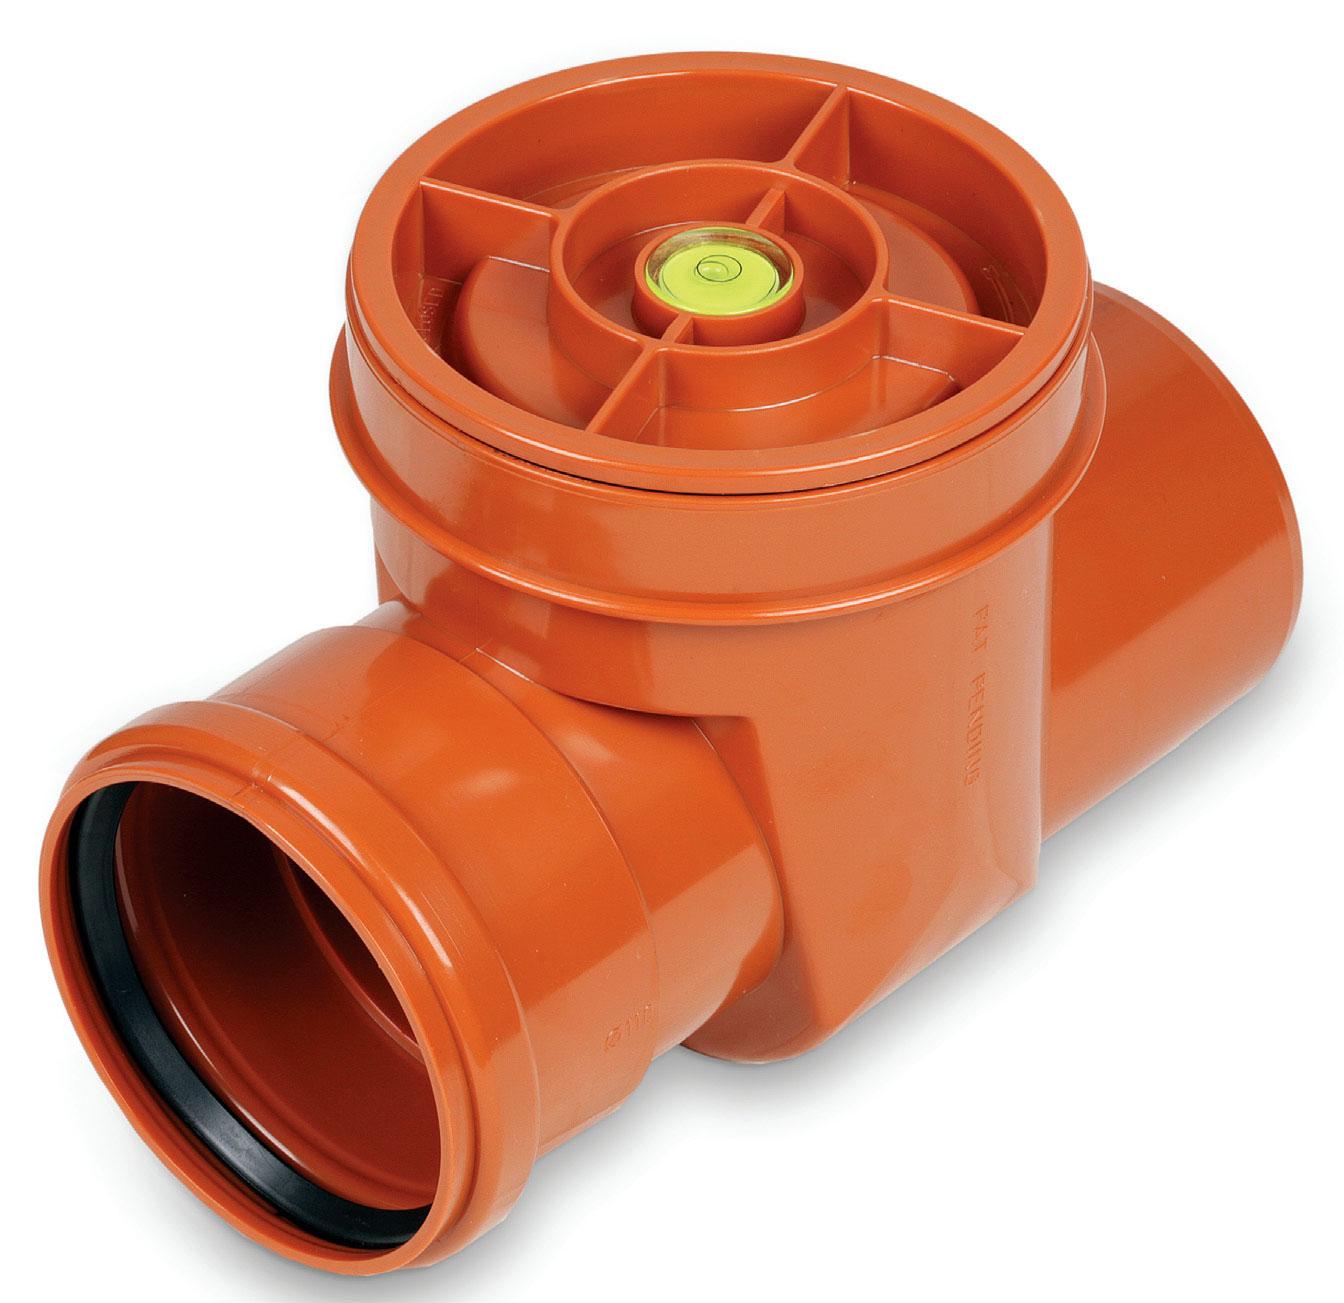 skuteczna i bezpieczna instalacja kanalizacyjna10 - Skuteczna i bezpieczna instalacja kanalizacyjna